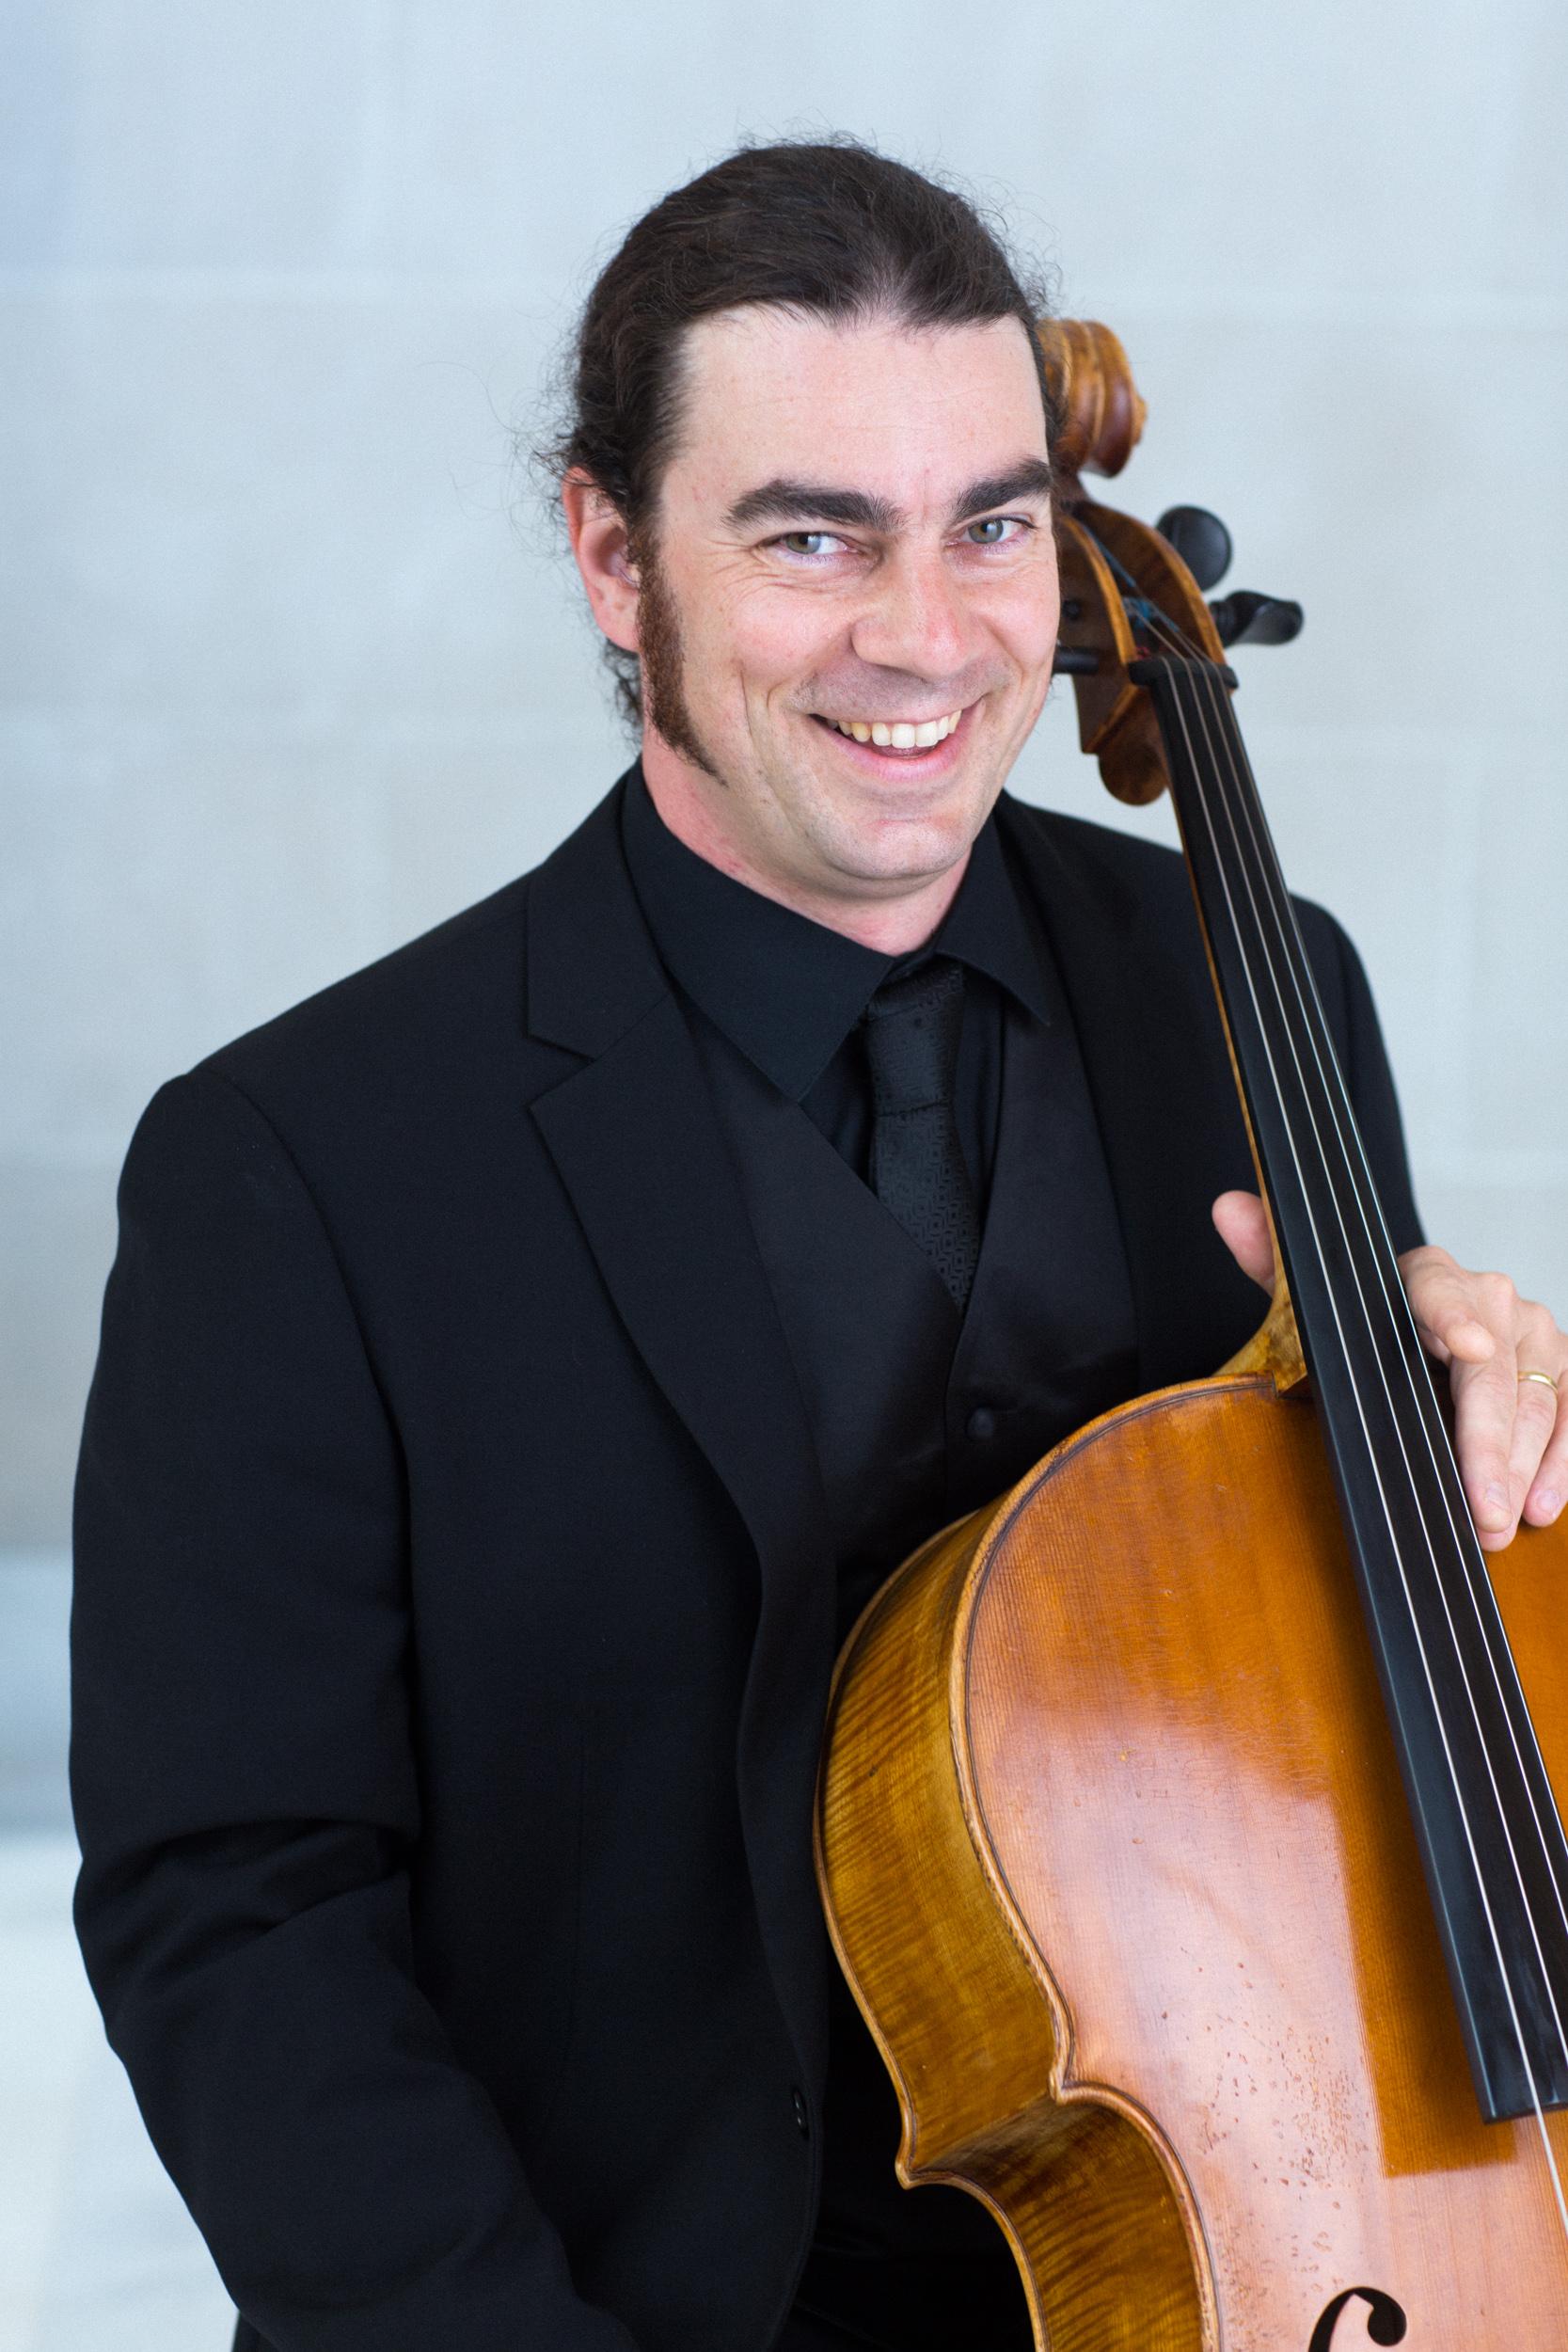 Shain Carrasco, cello